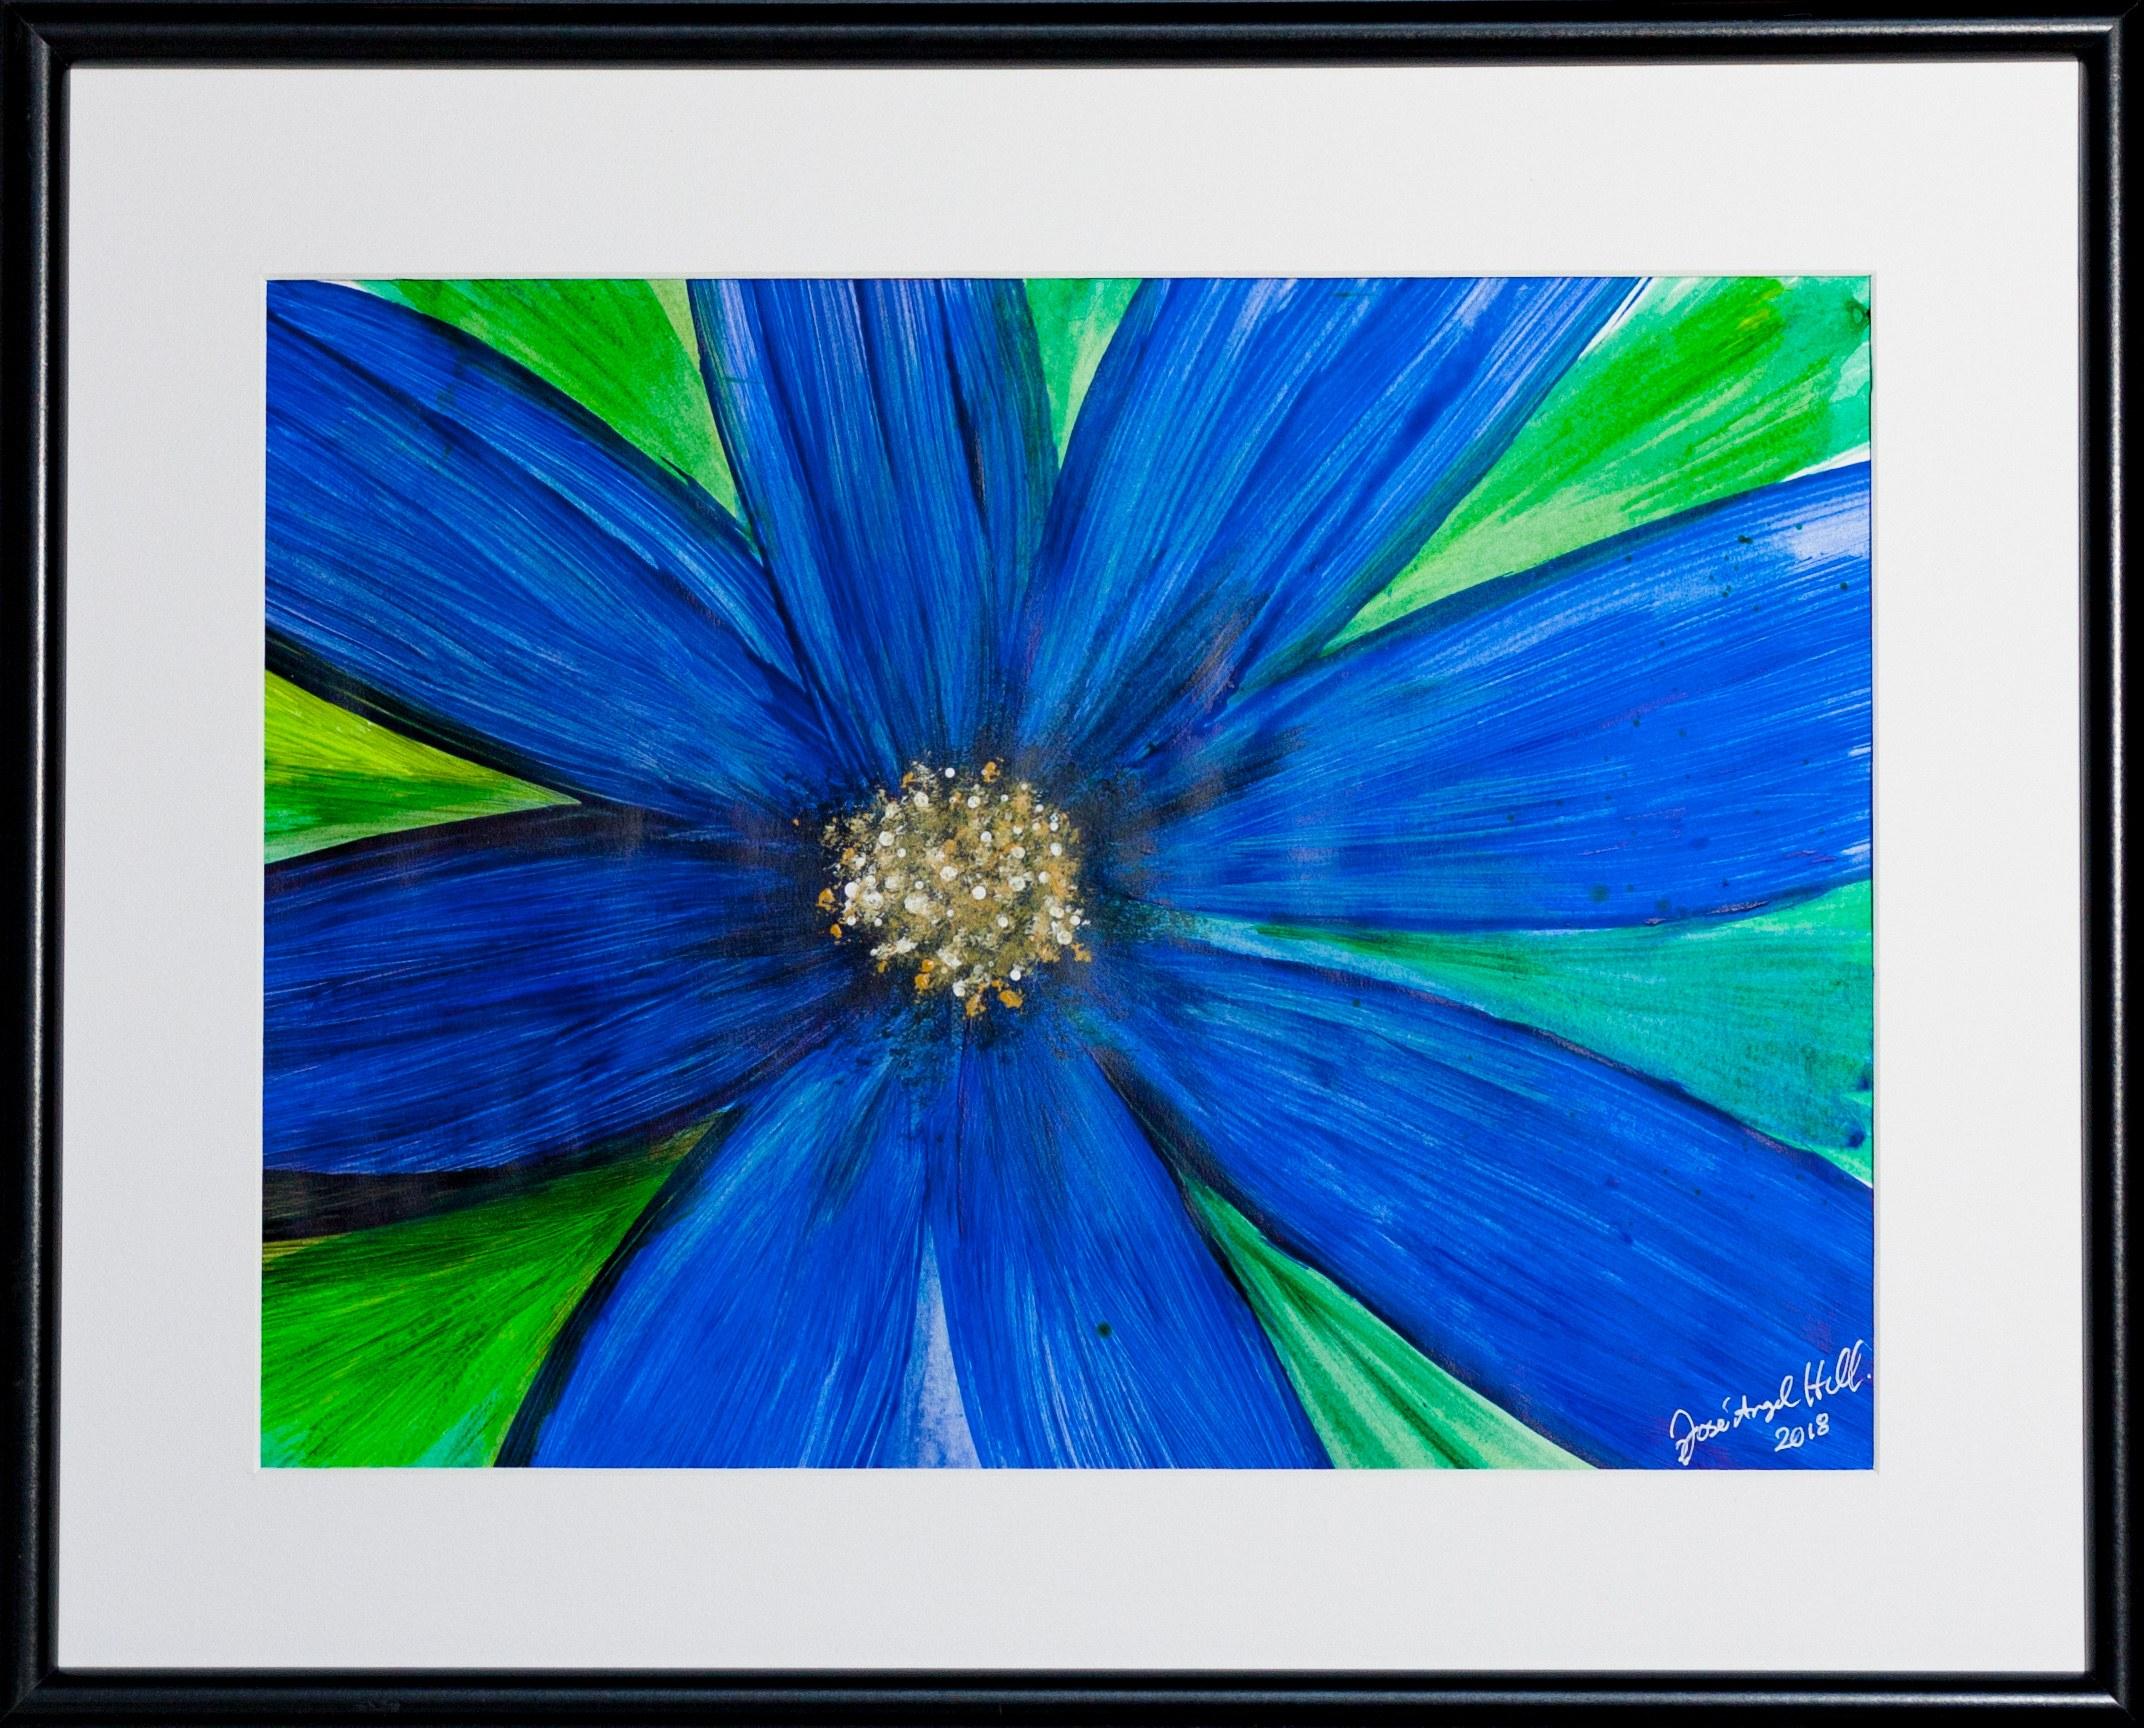 José Angel Hill, Flower